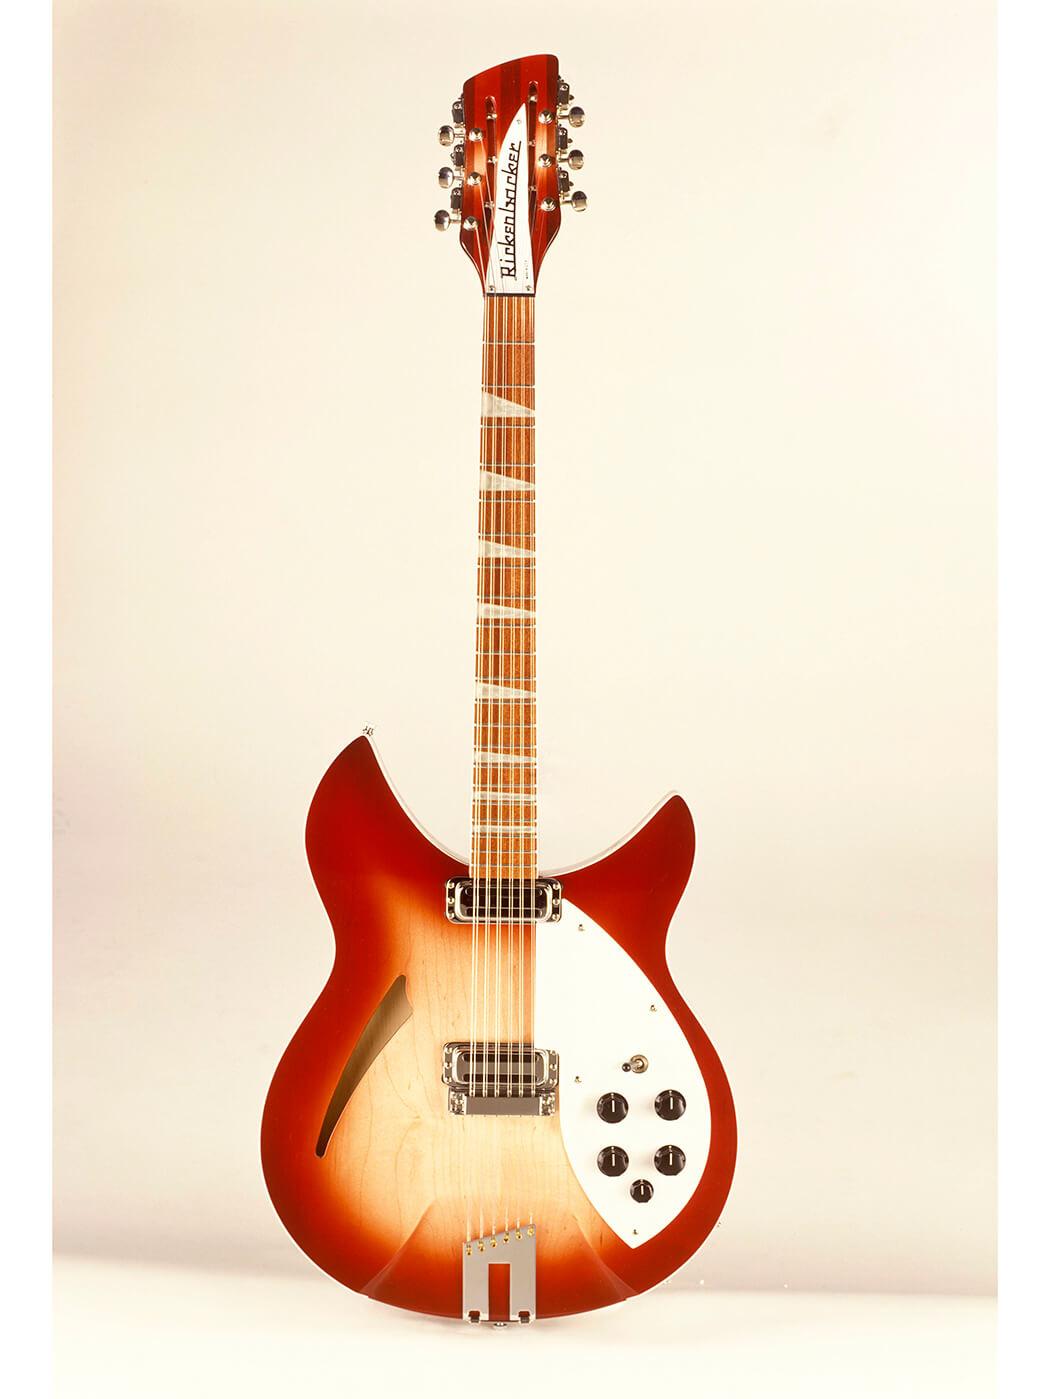 Rickenbacker 12-string